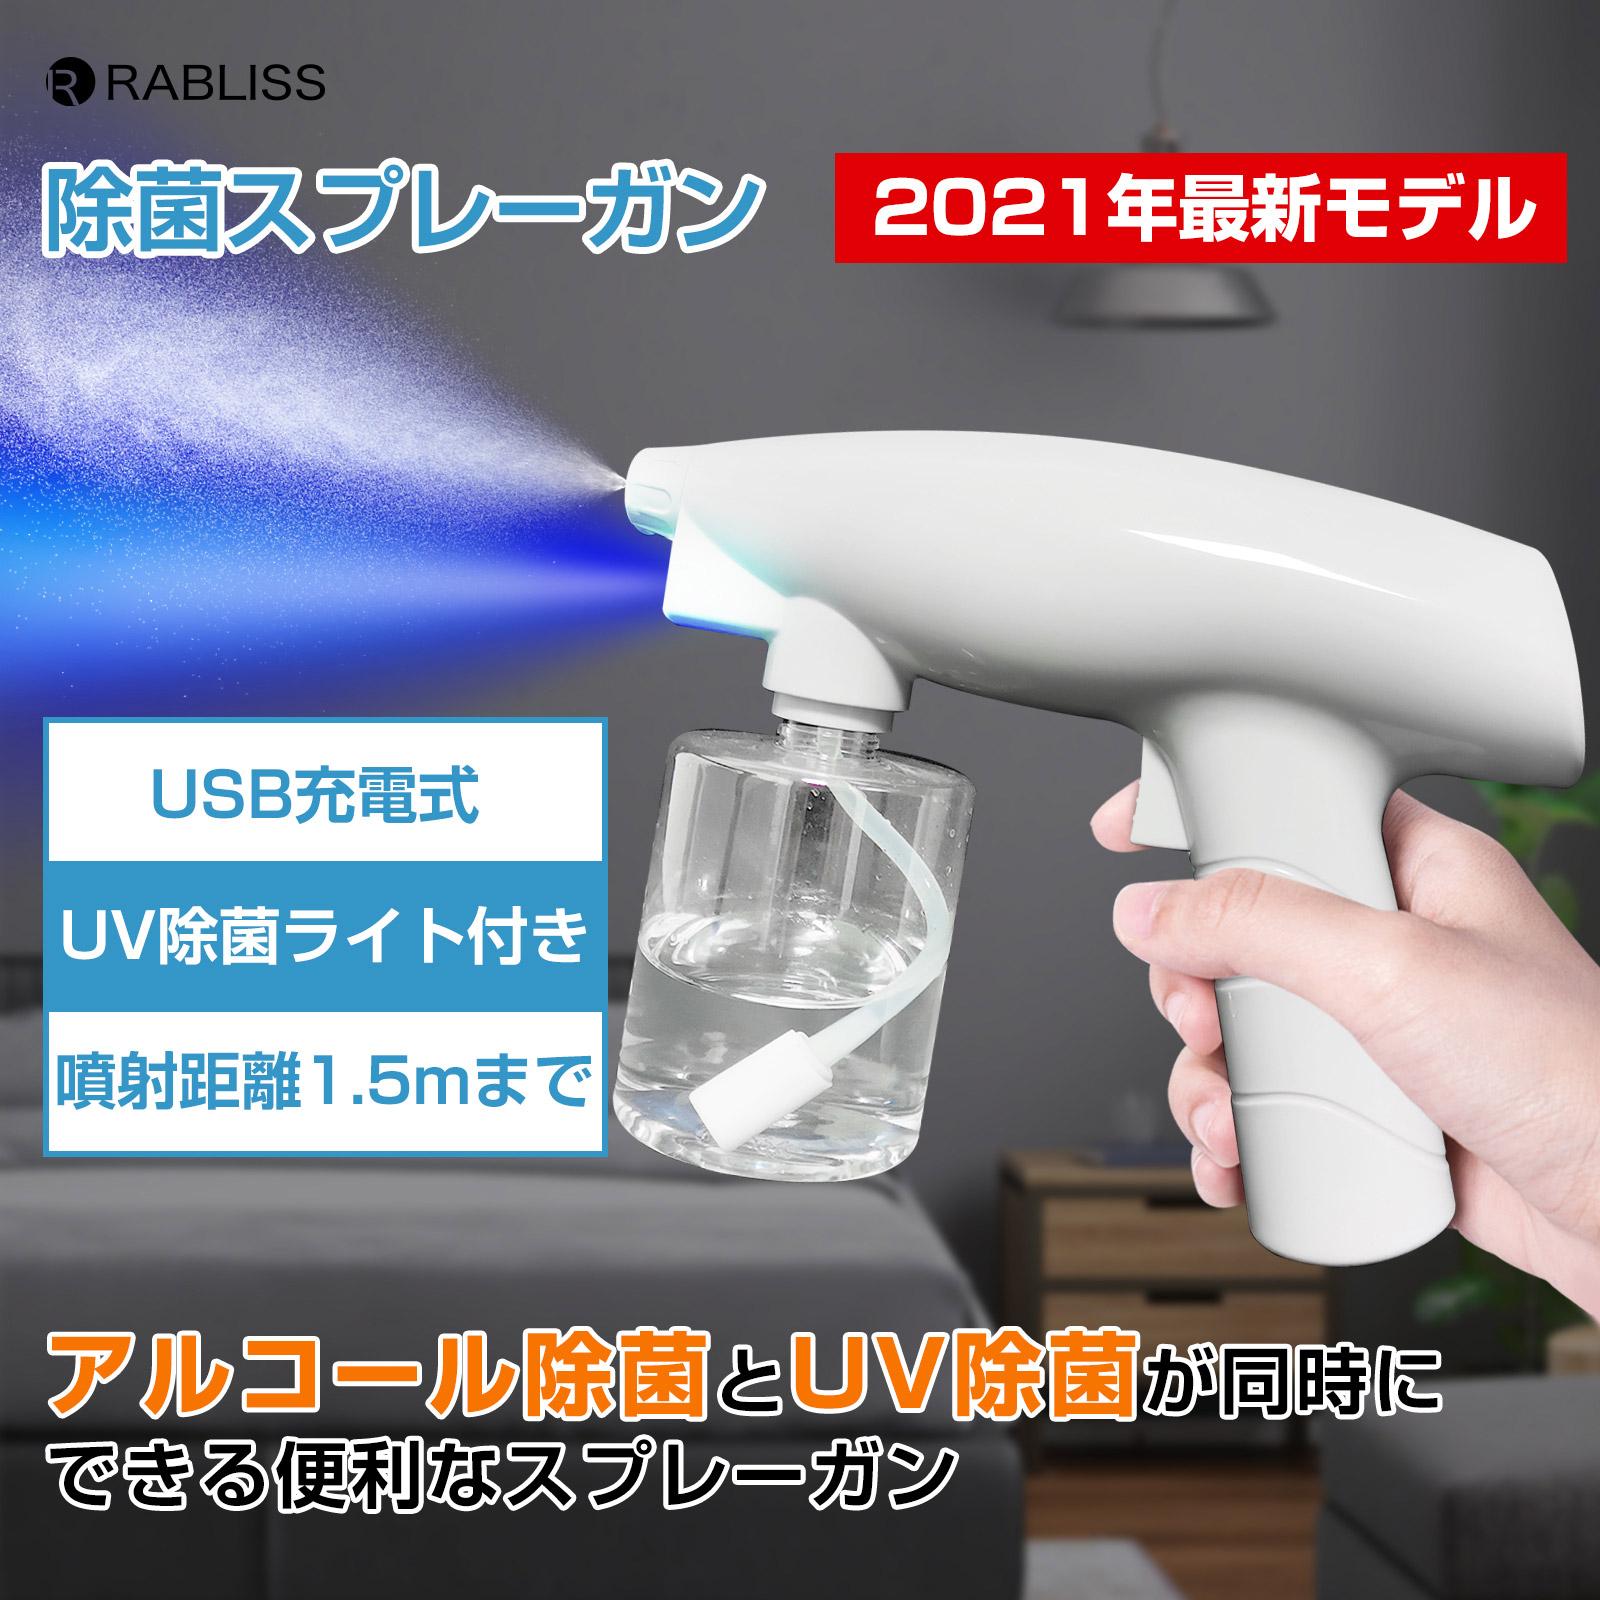 アルコールスプレー UVライト付き 紫外線 アルコール 除菌用スプレーガン 保証付き 自動消毒液噴霧器